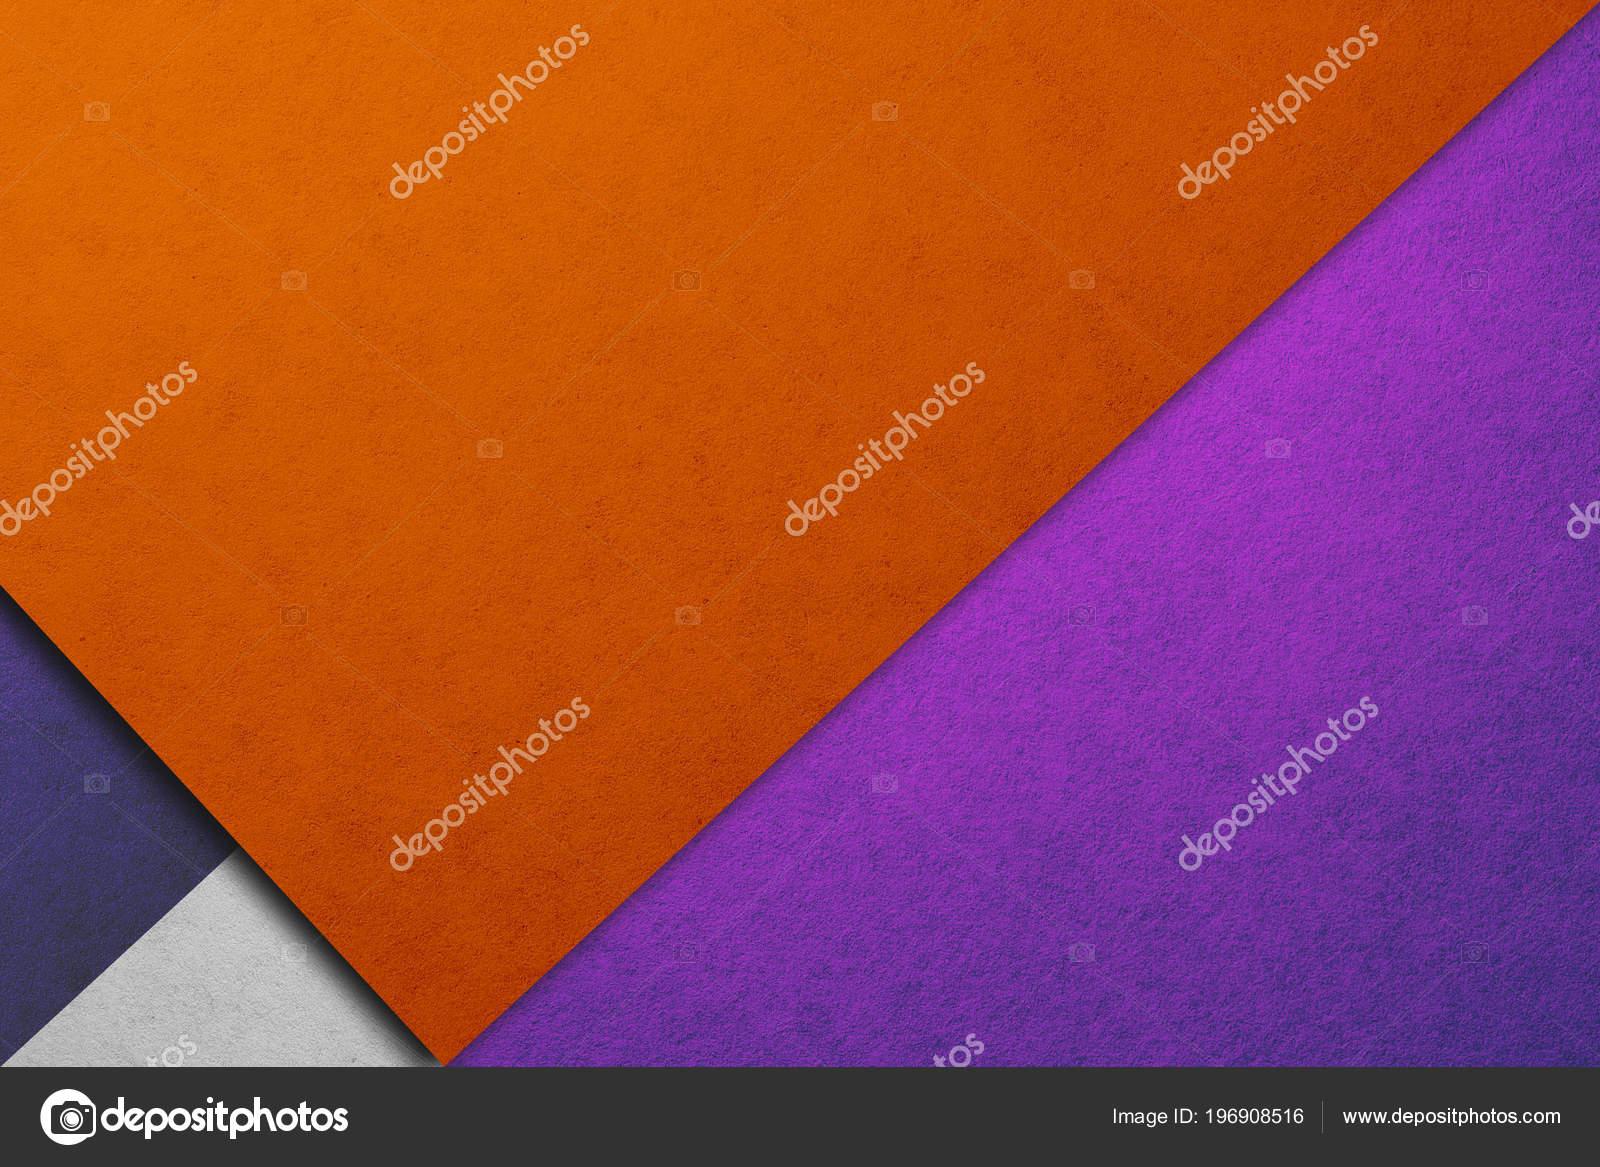 Papel Parede Projeto Material Textura Papel Real Laranja Roxo Tons —  Fotografia de Stock 2c8b0662fc3a0